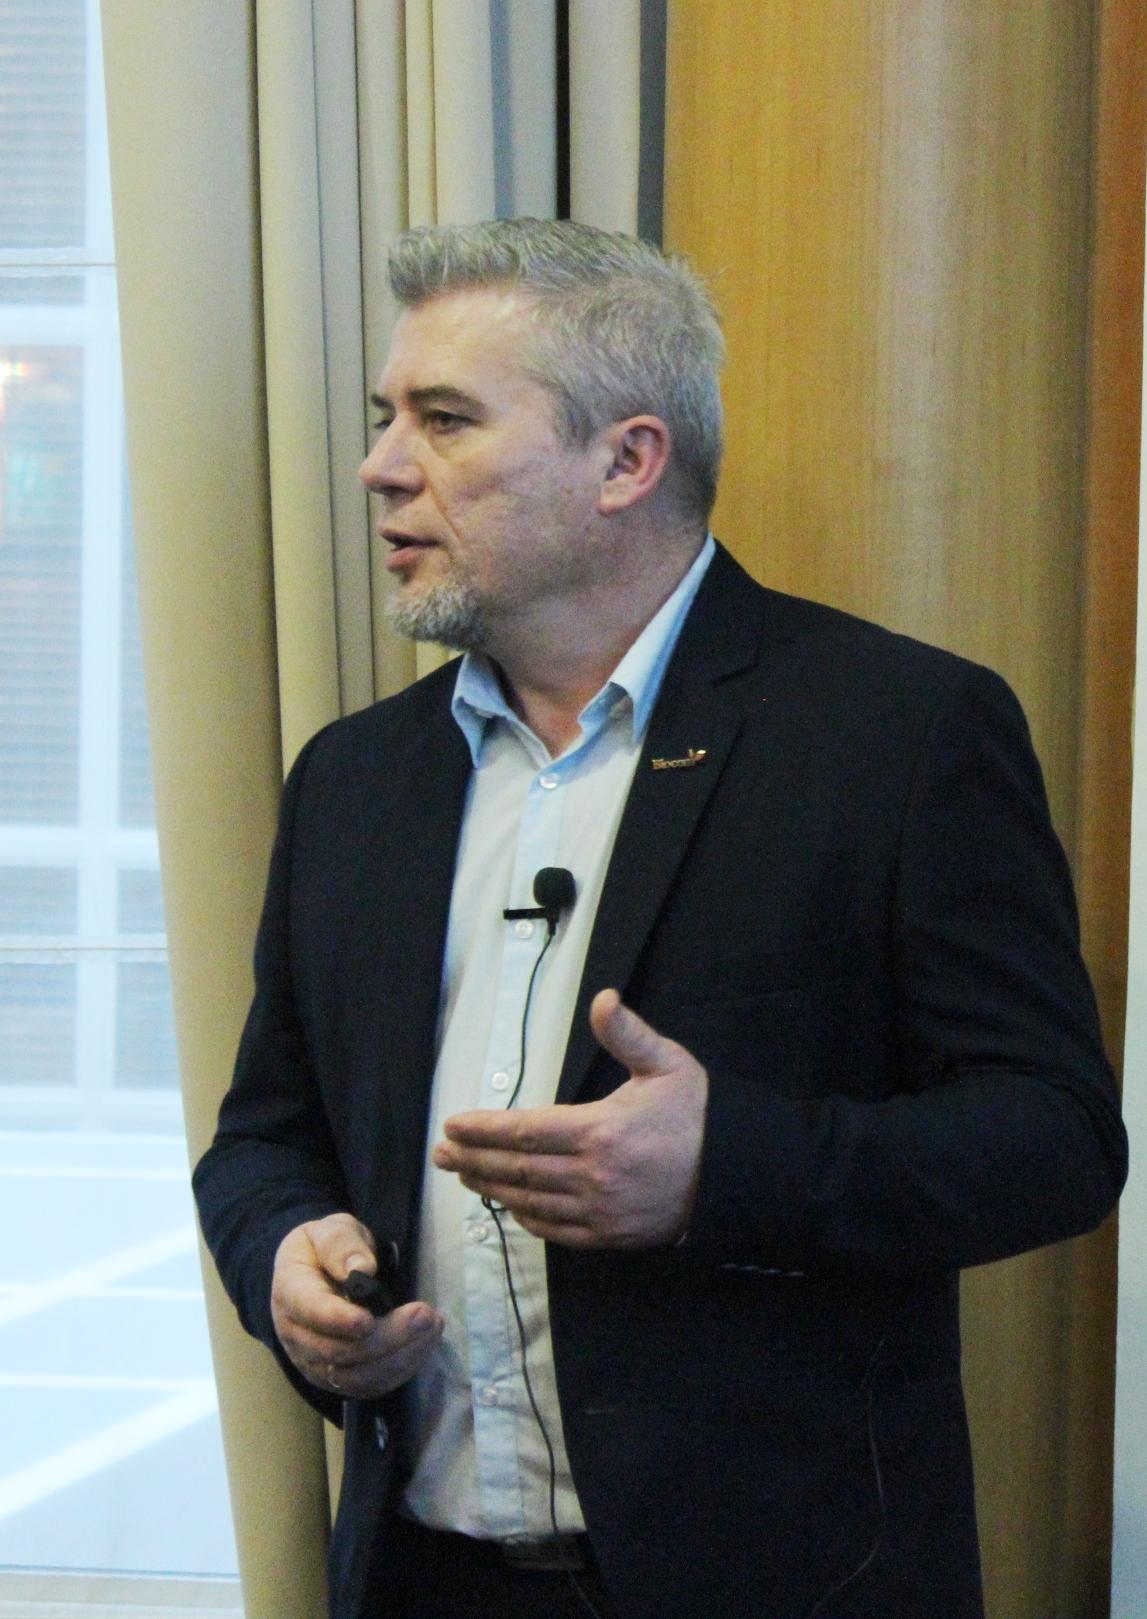 Tóth Lali Arany HV szerint a Biocom Életmódprogram mindnekinek megoldást jelenthet anyagi szempontból